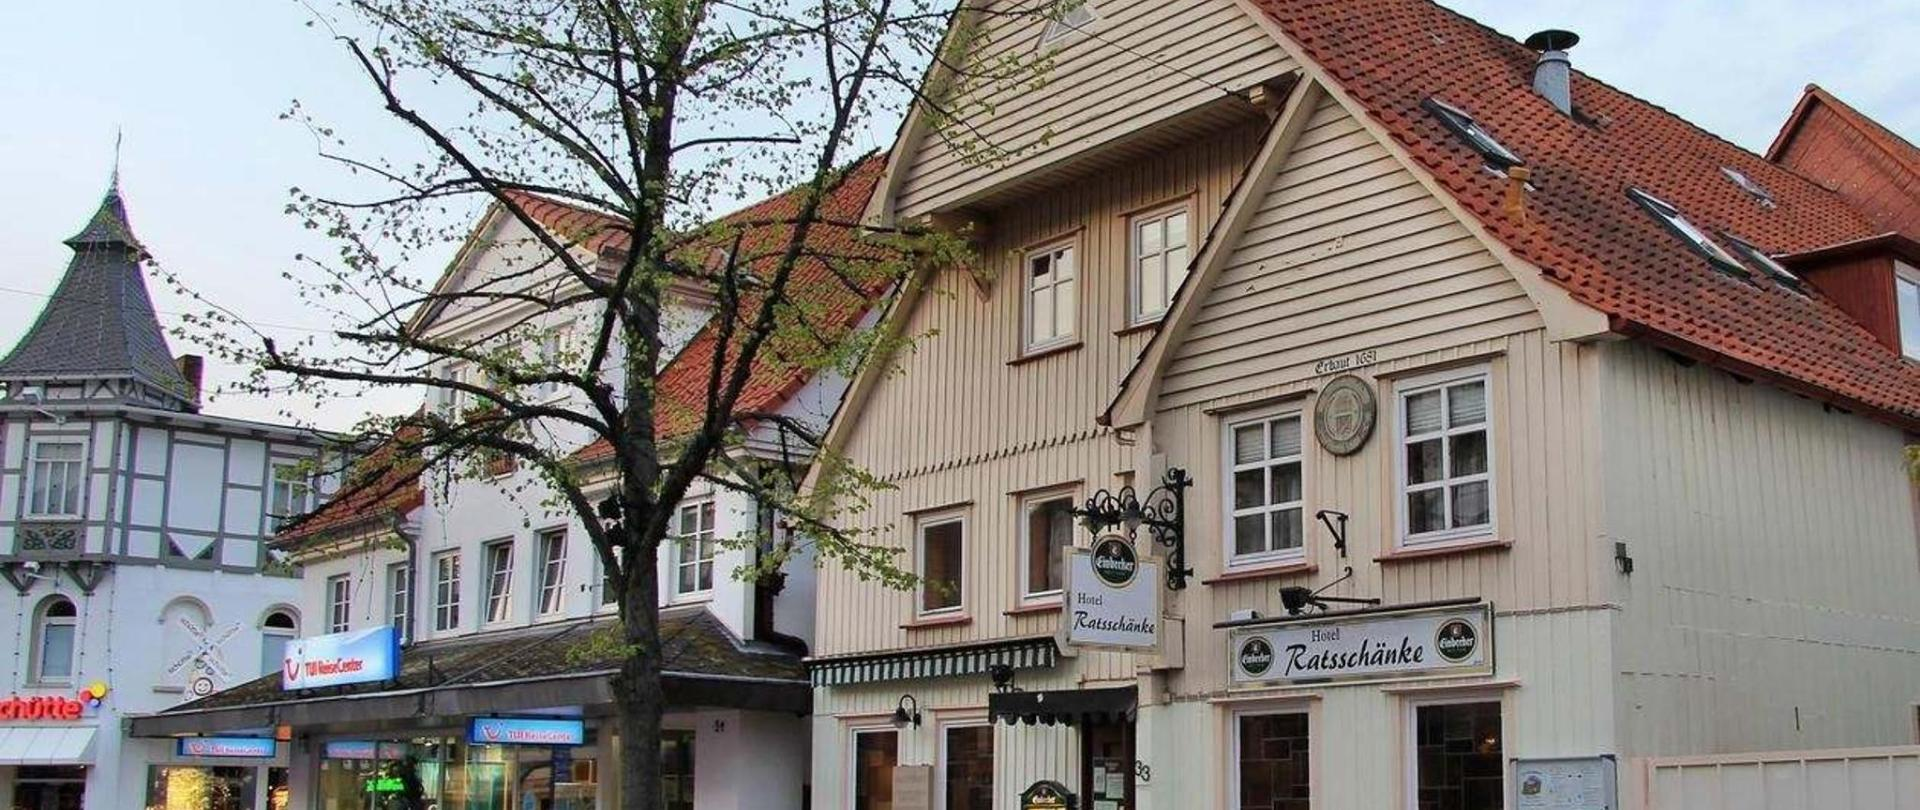 Ratsschänke - Hotel Garni - Gifhorn - Deutschland – Ratsschänke ...